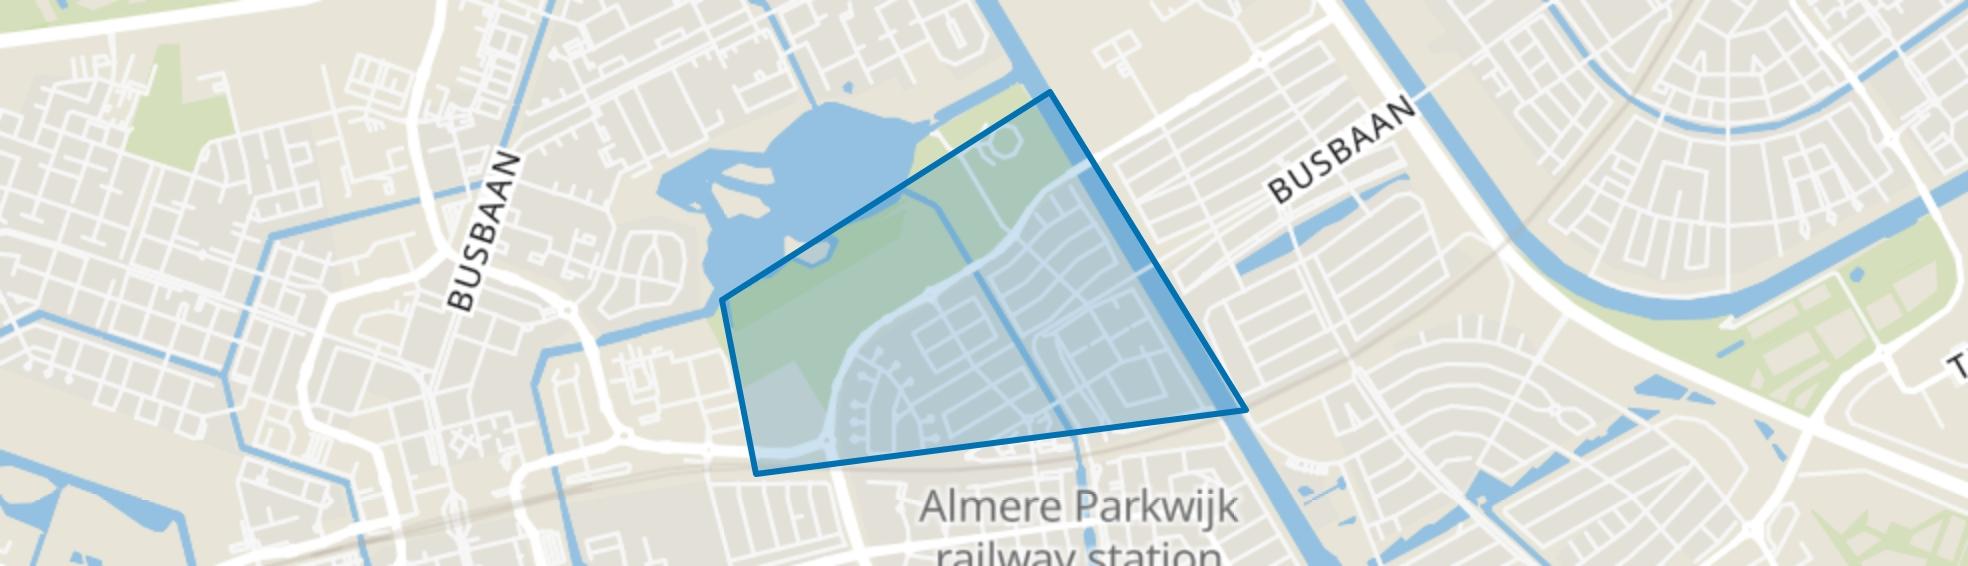 Verzetswijk, Almere map